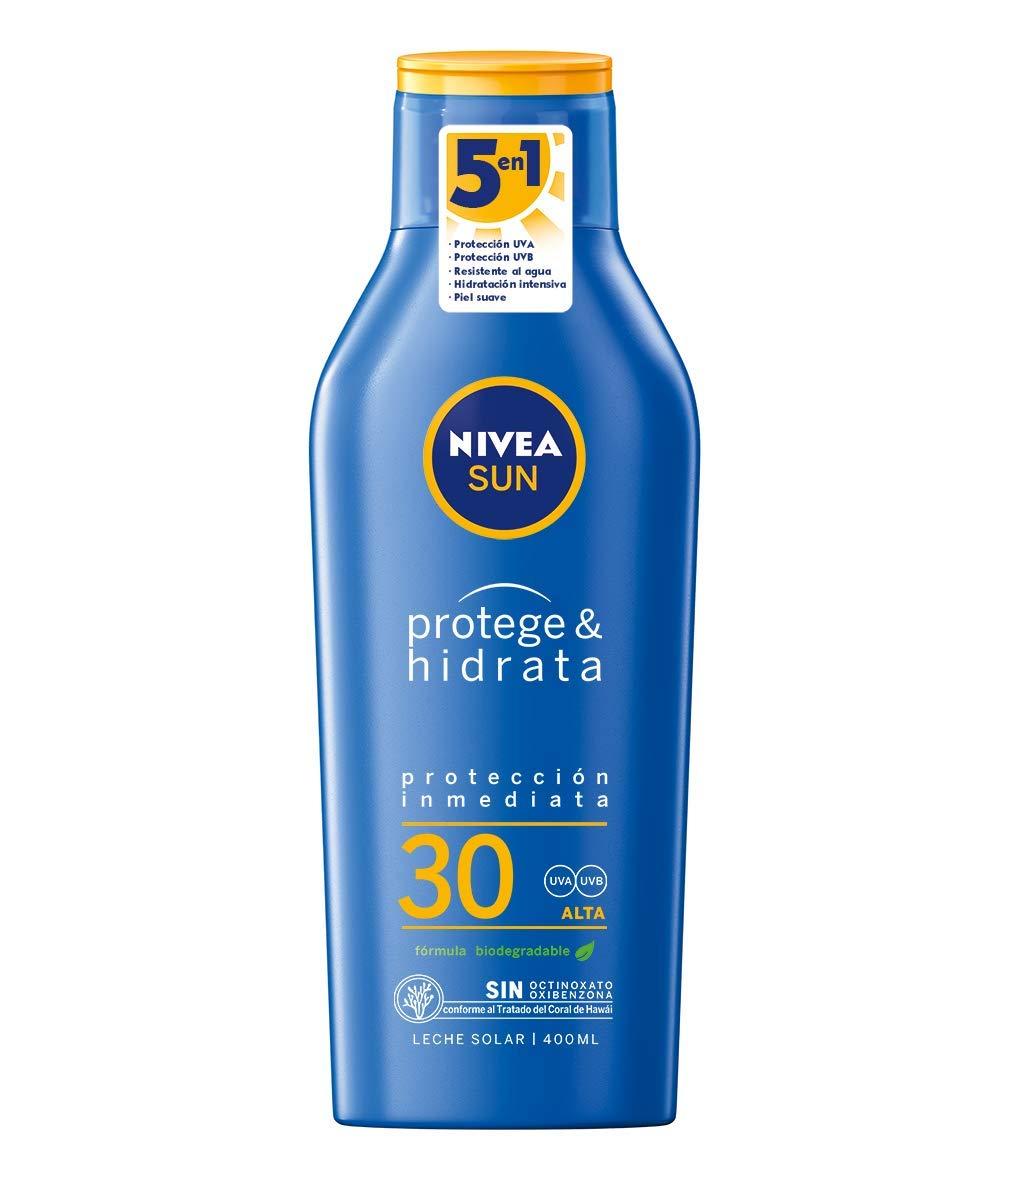 NIVEA SUN Protege & Hidrata Leche Solar FP30 (1 x 400 ml ...